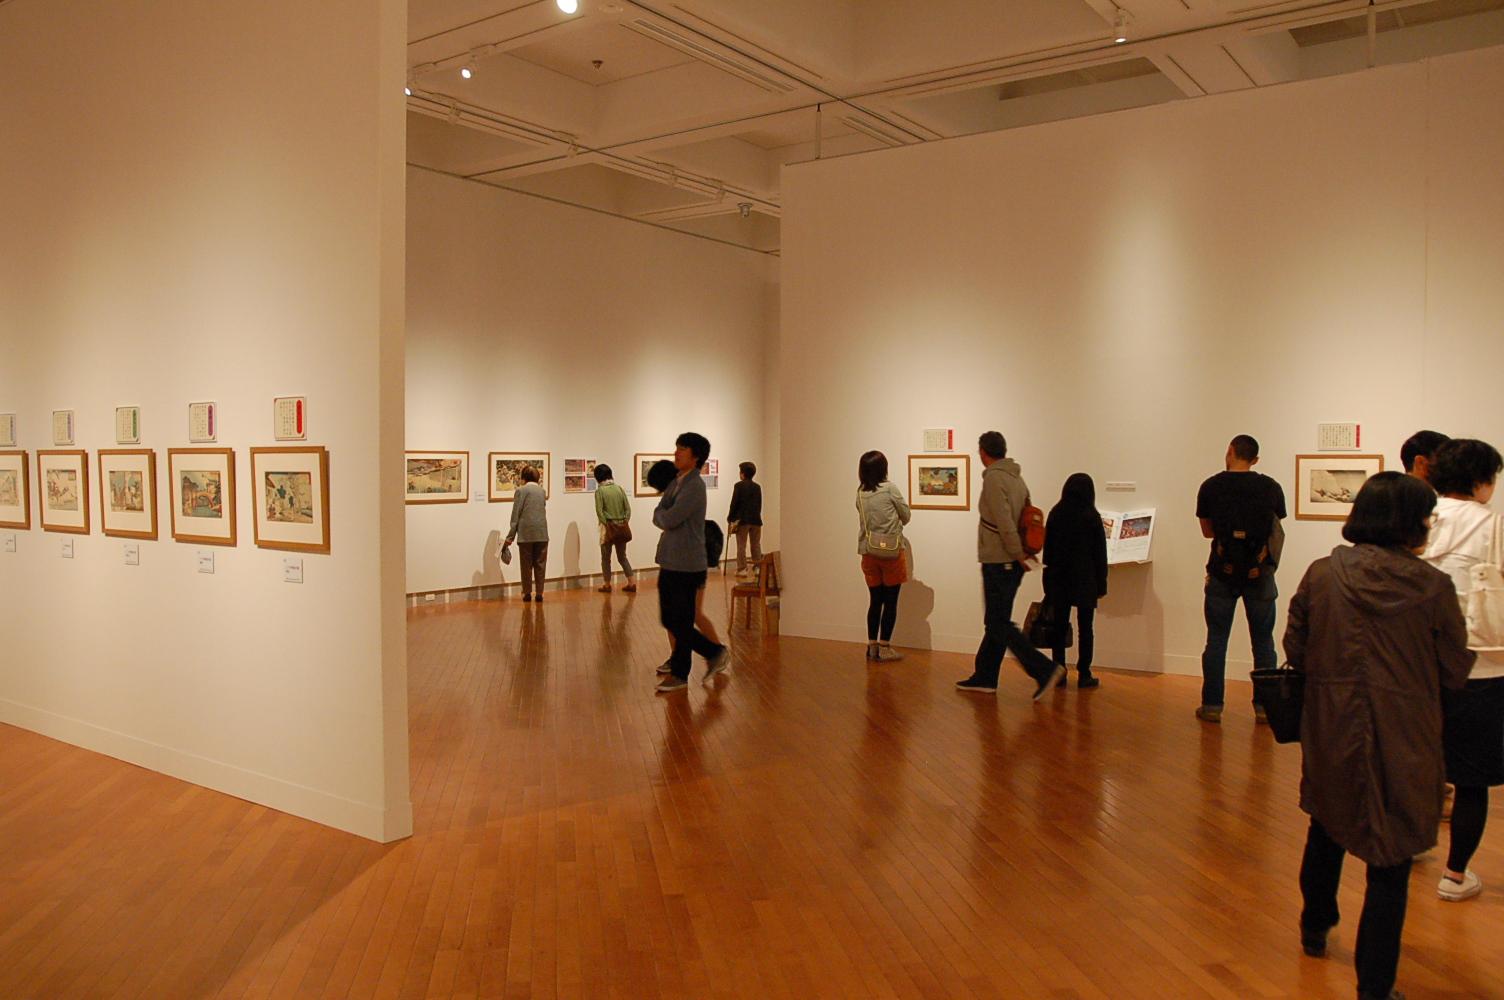 札幌芸術の森美術館で開催中の「浮世絵師 歌川国芳展」がスゴい人気!